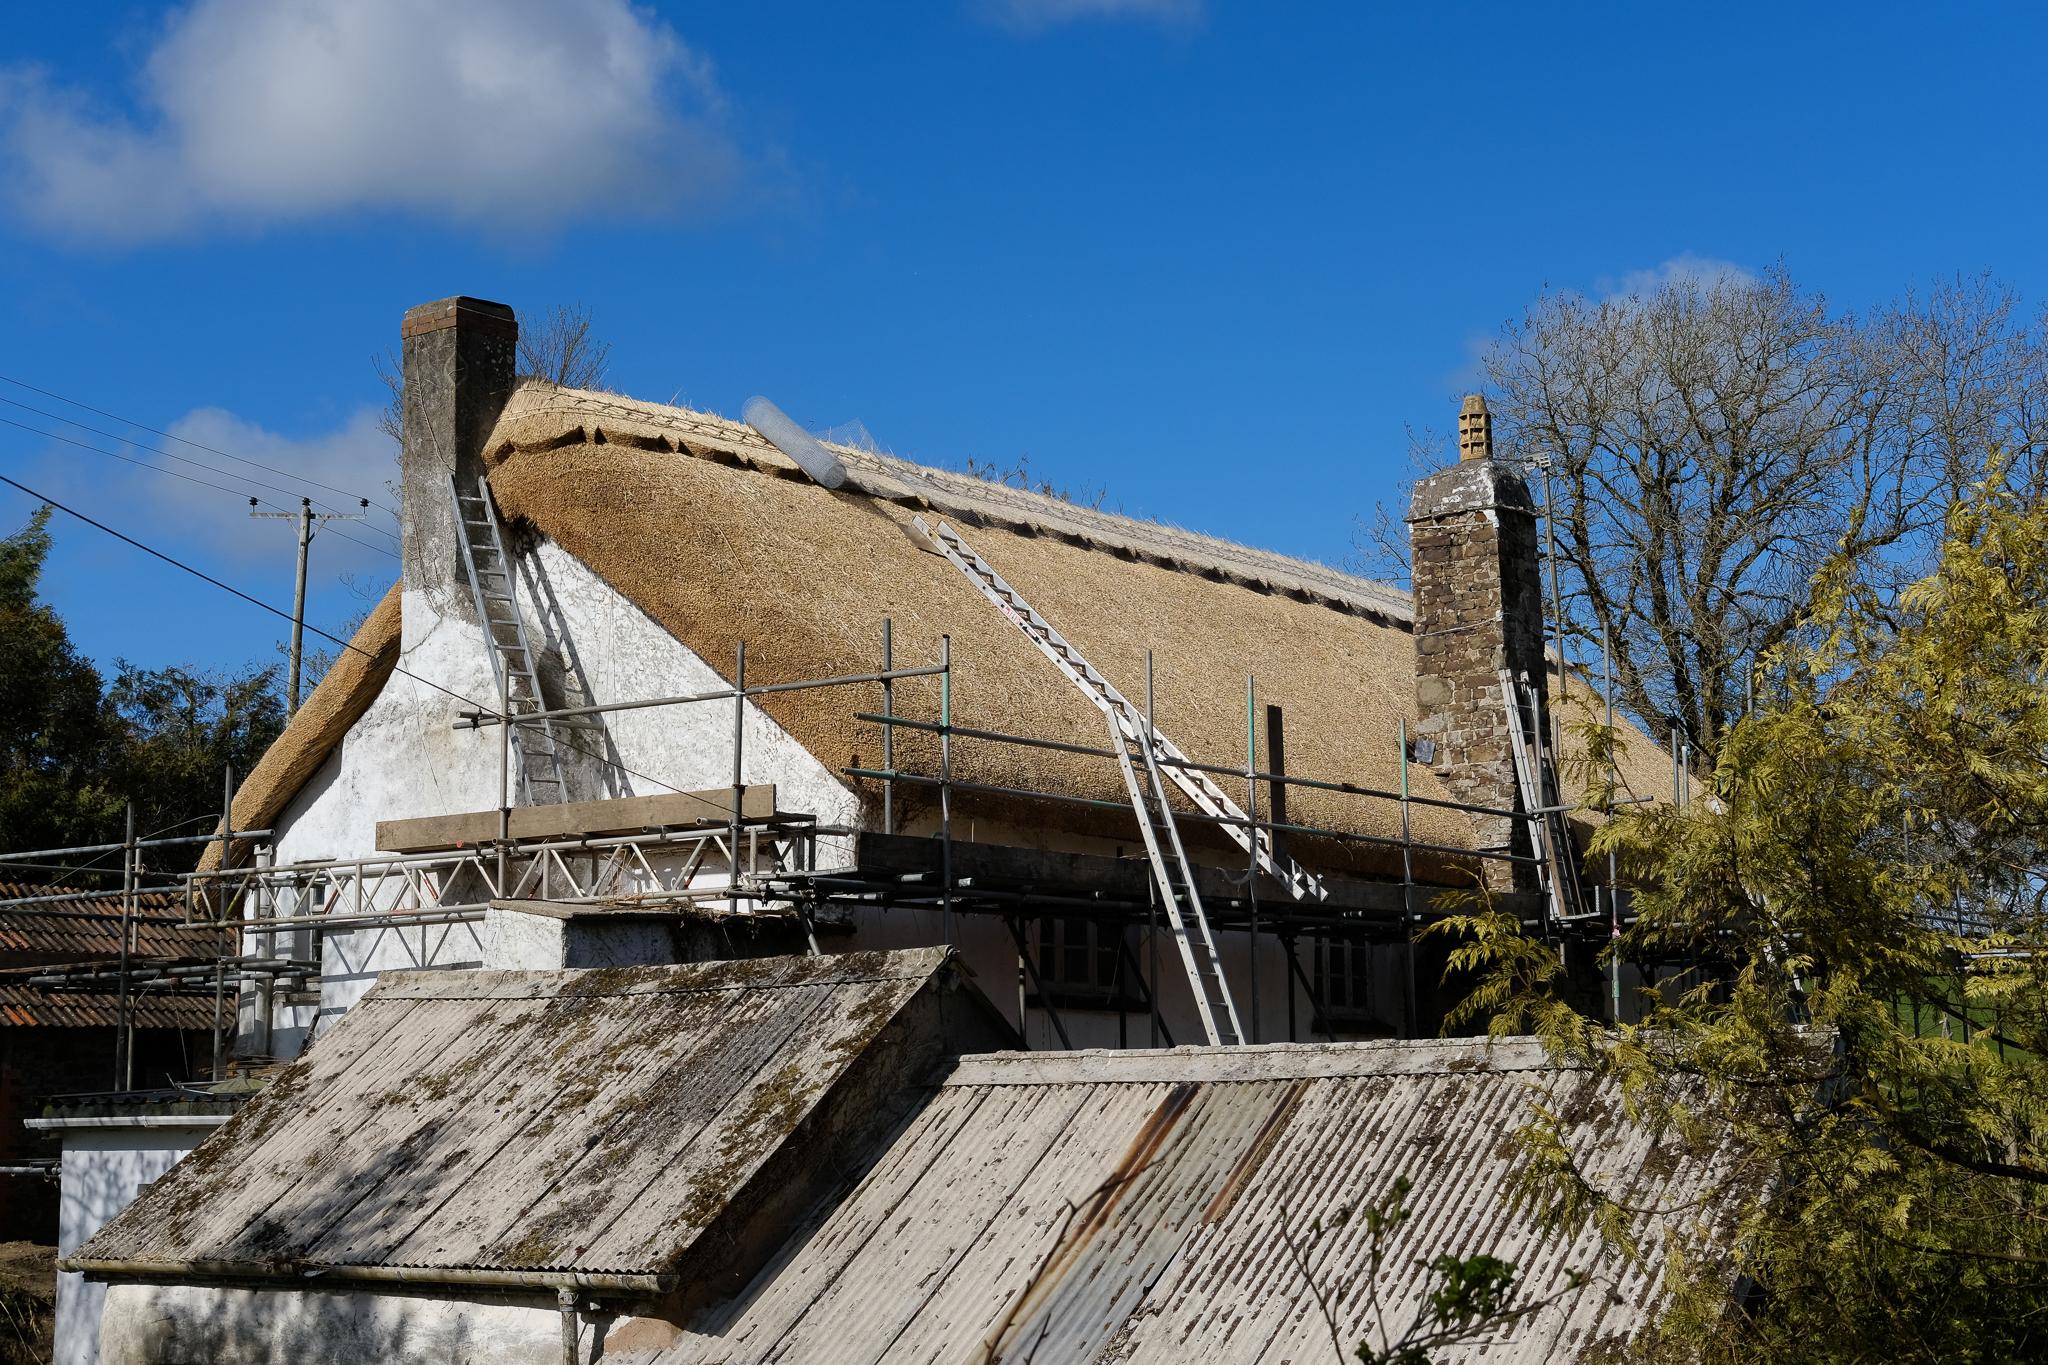 Thatched roof, Chittlehampton, Devon